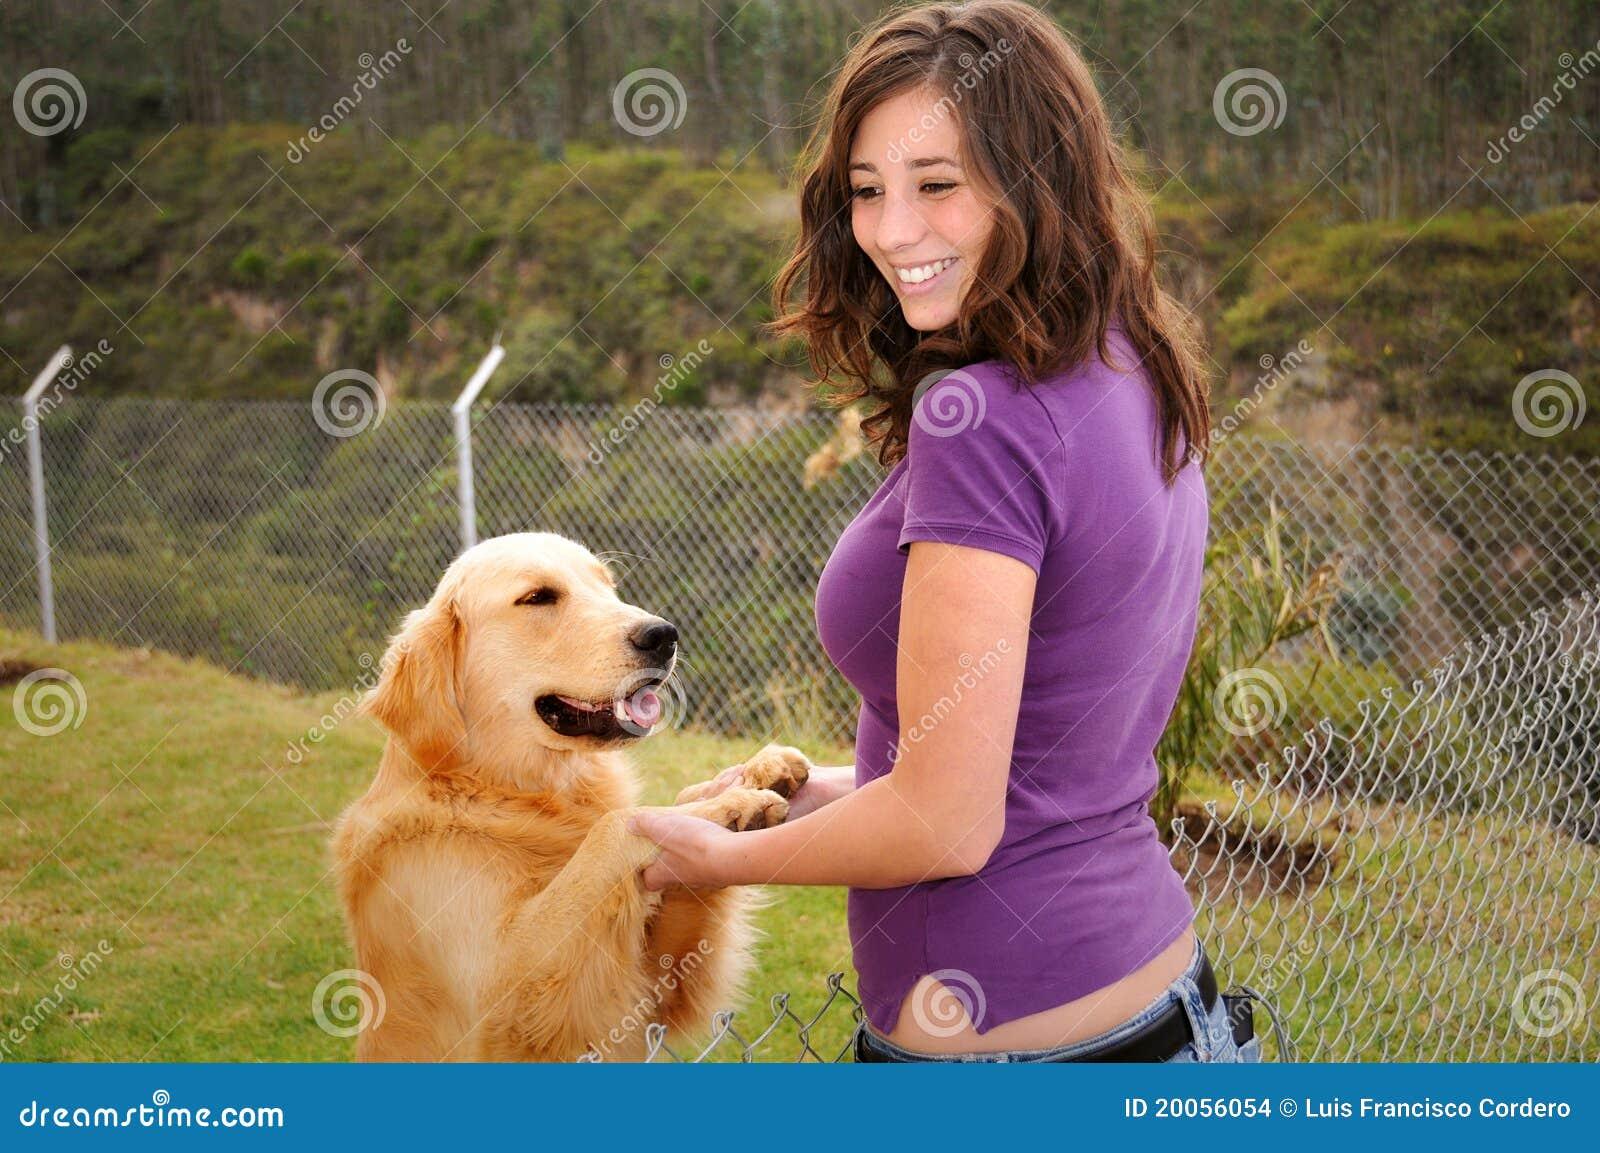 frau fickt hund geschichten